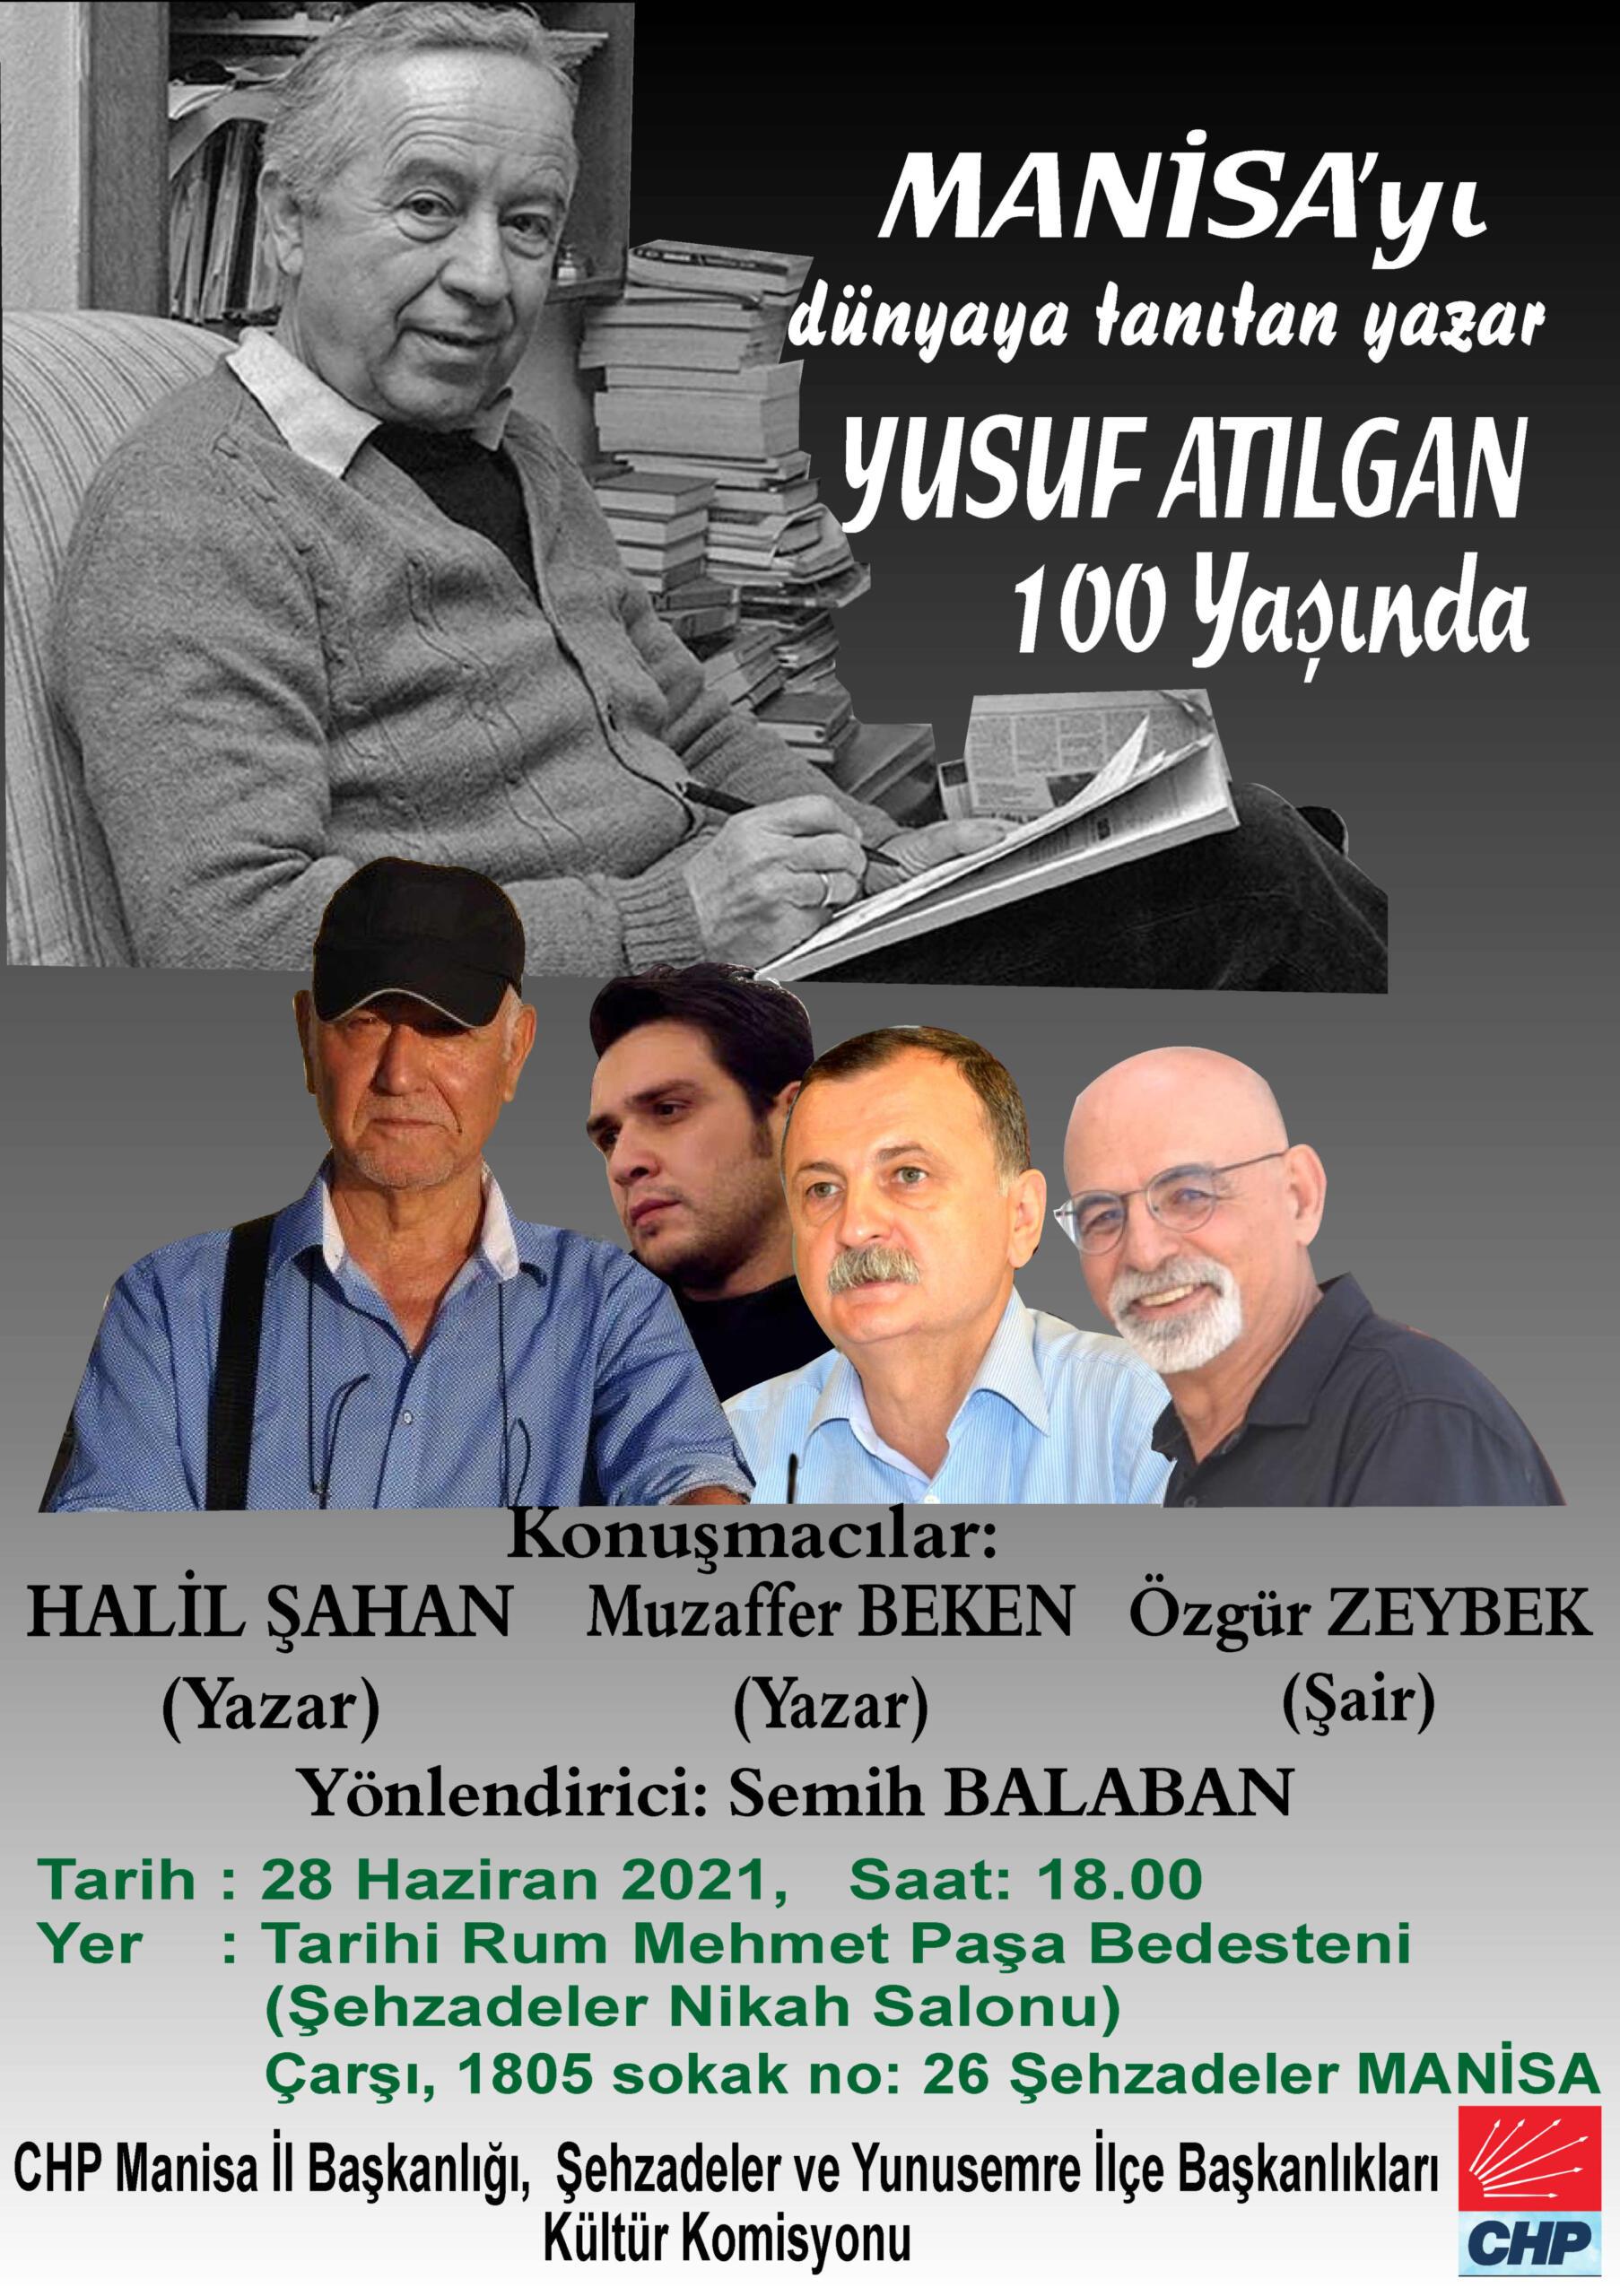 """Manisa' da """"Yusuf Atılgan 100 yaşında"""" paneli düzenleniyor."""